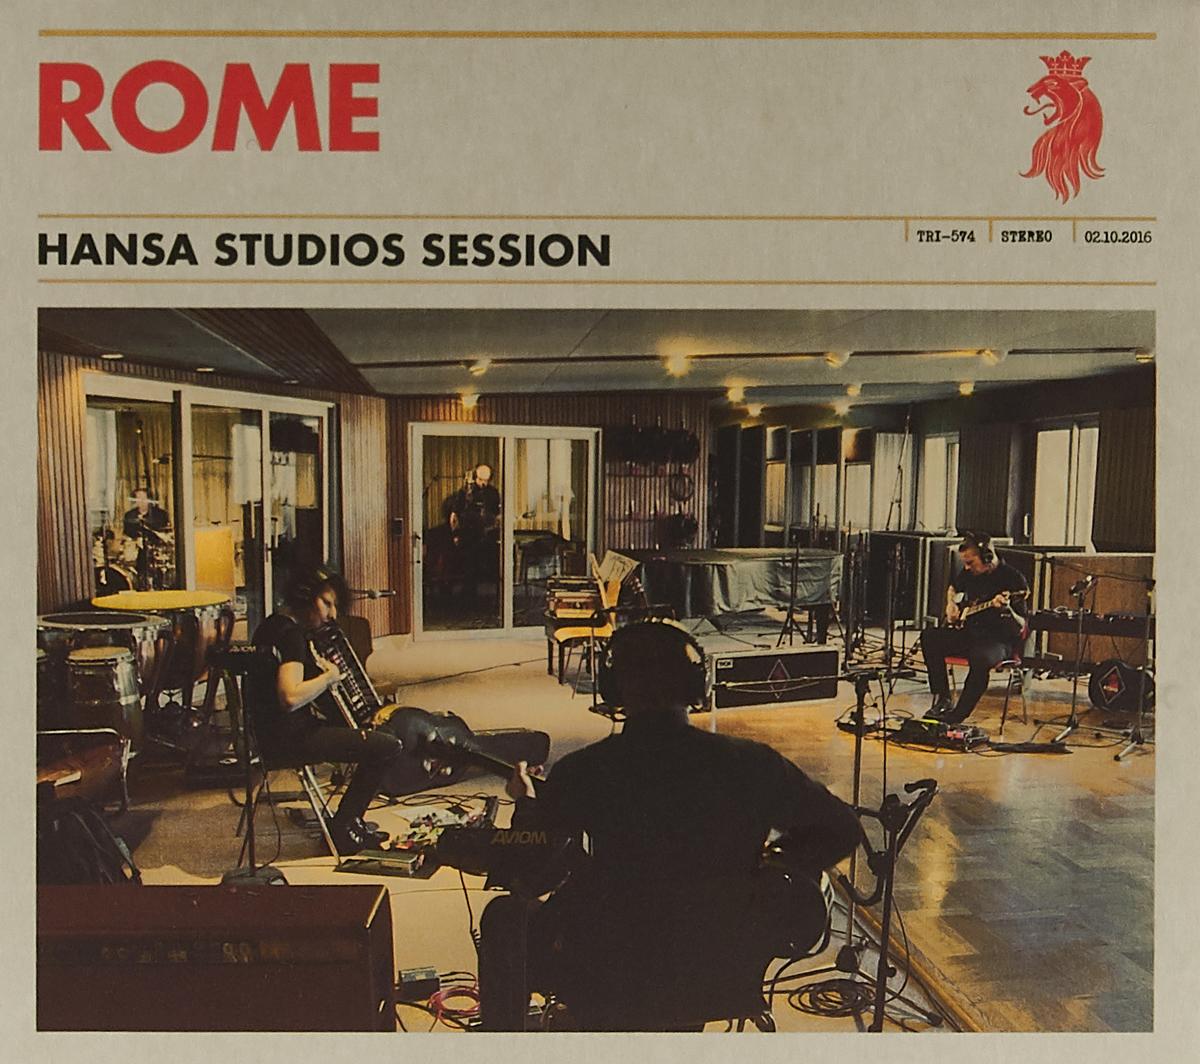 где купить Rome Rome. Hansa Studios Session по лучшей цене